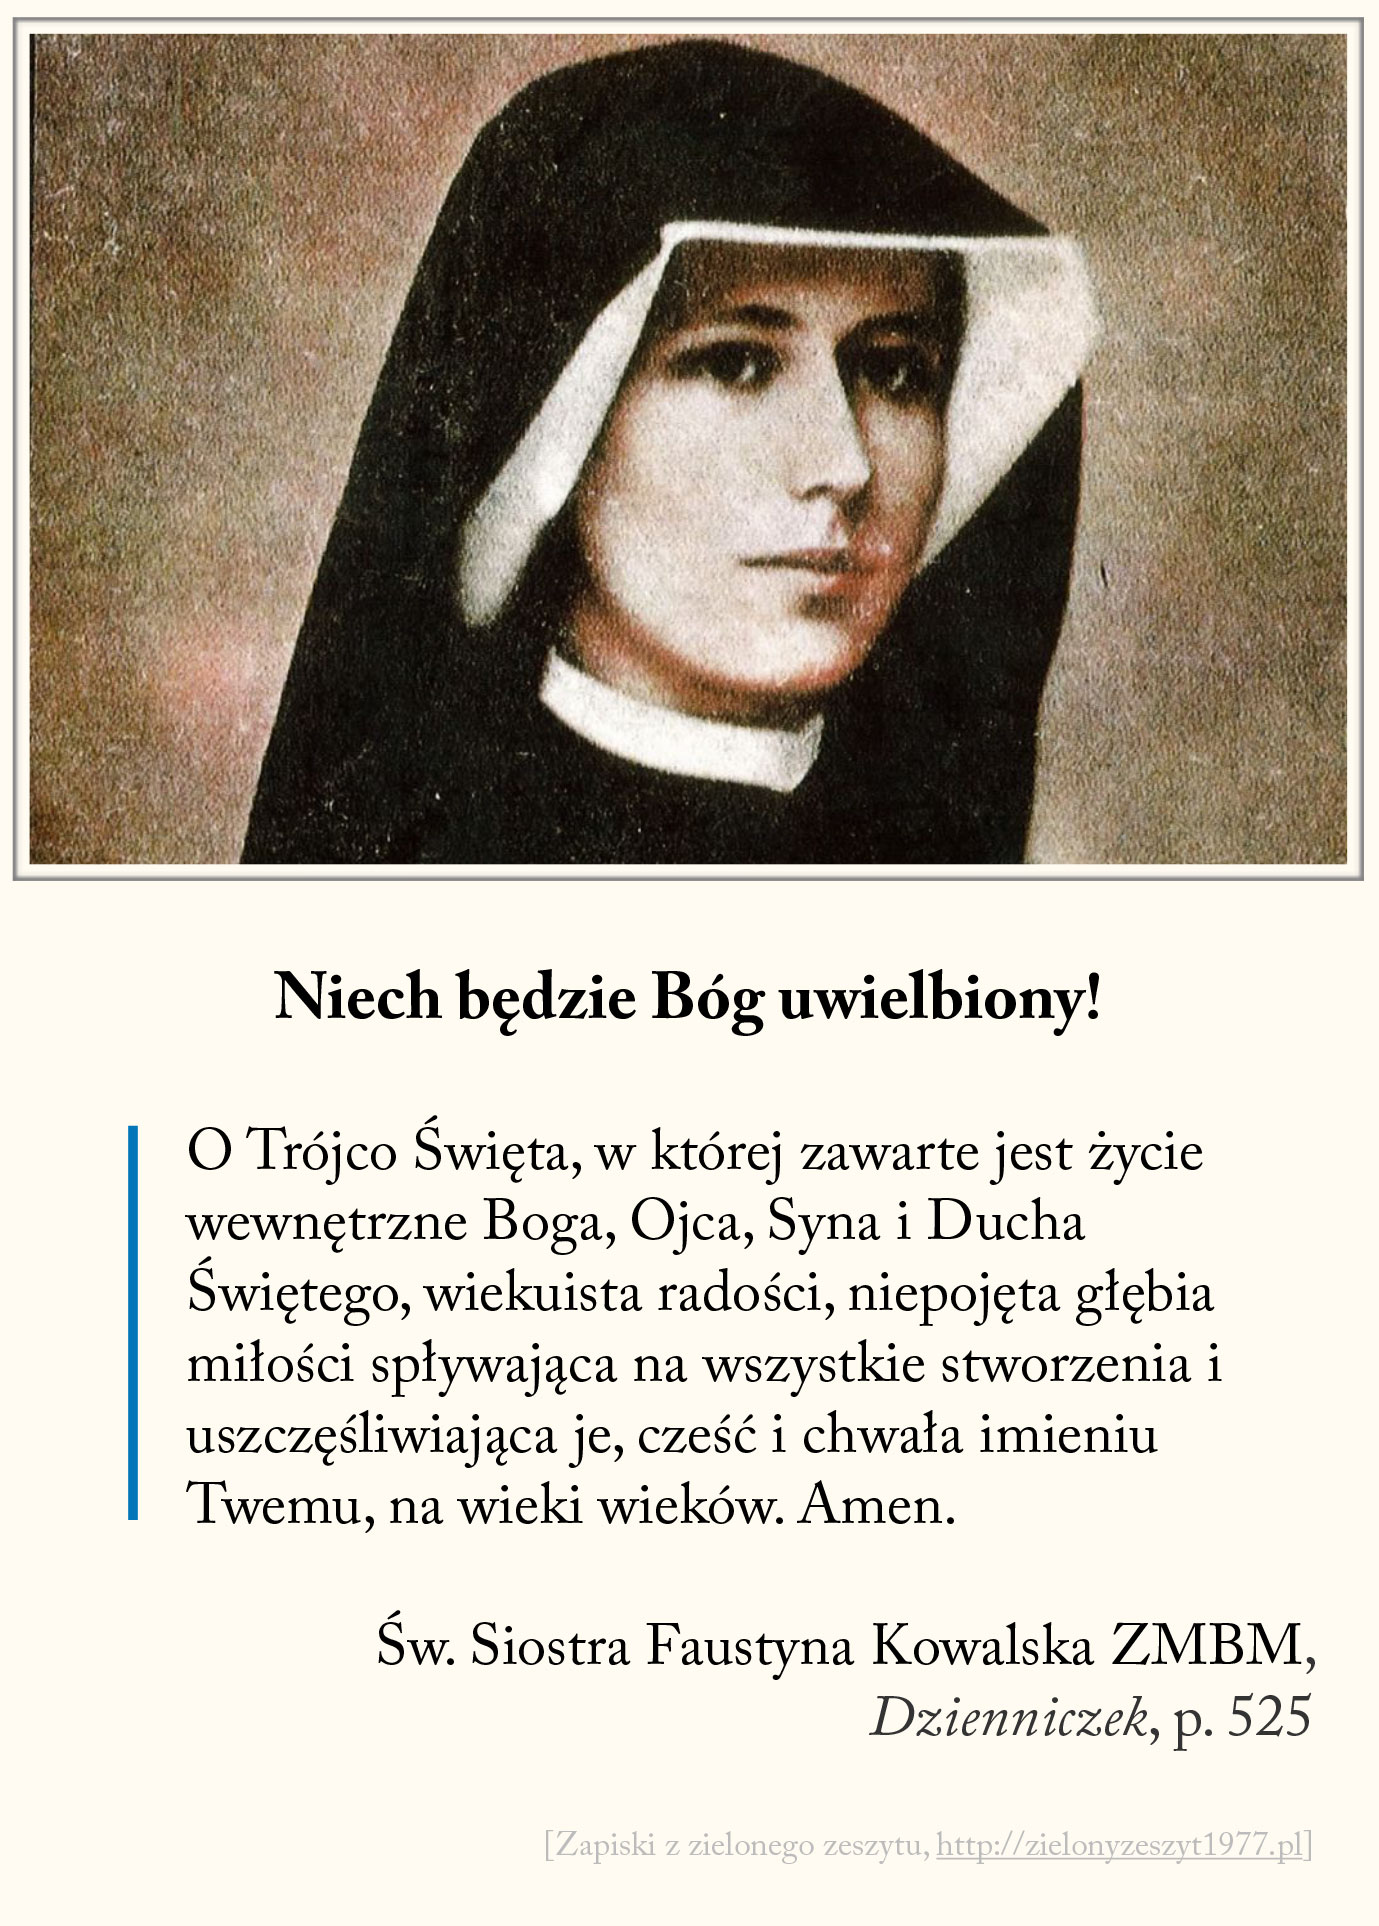 Niech będzie Bóg uwielbiony! św. Faustyna Kowalska